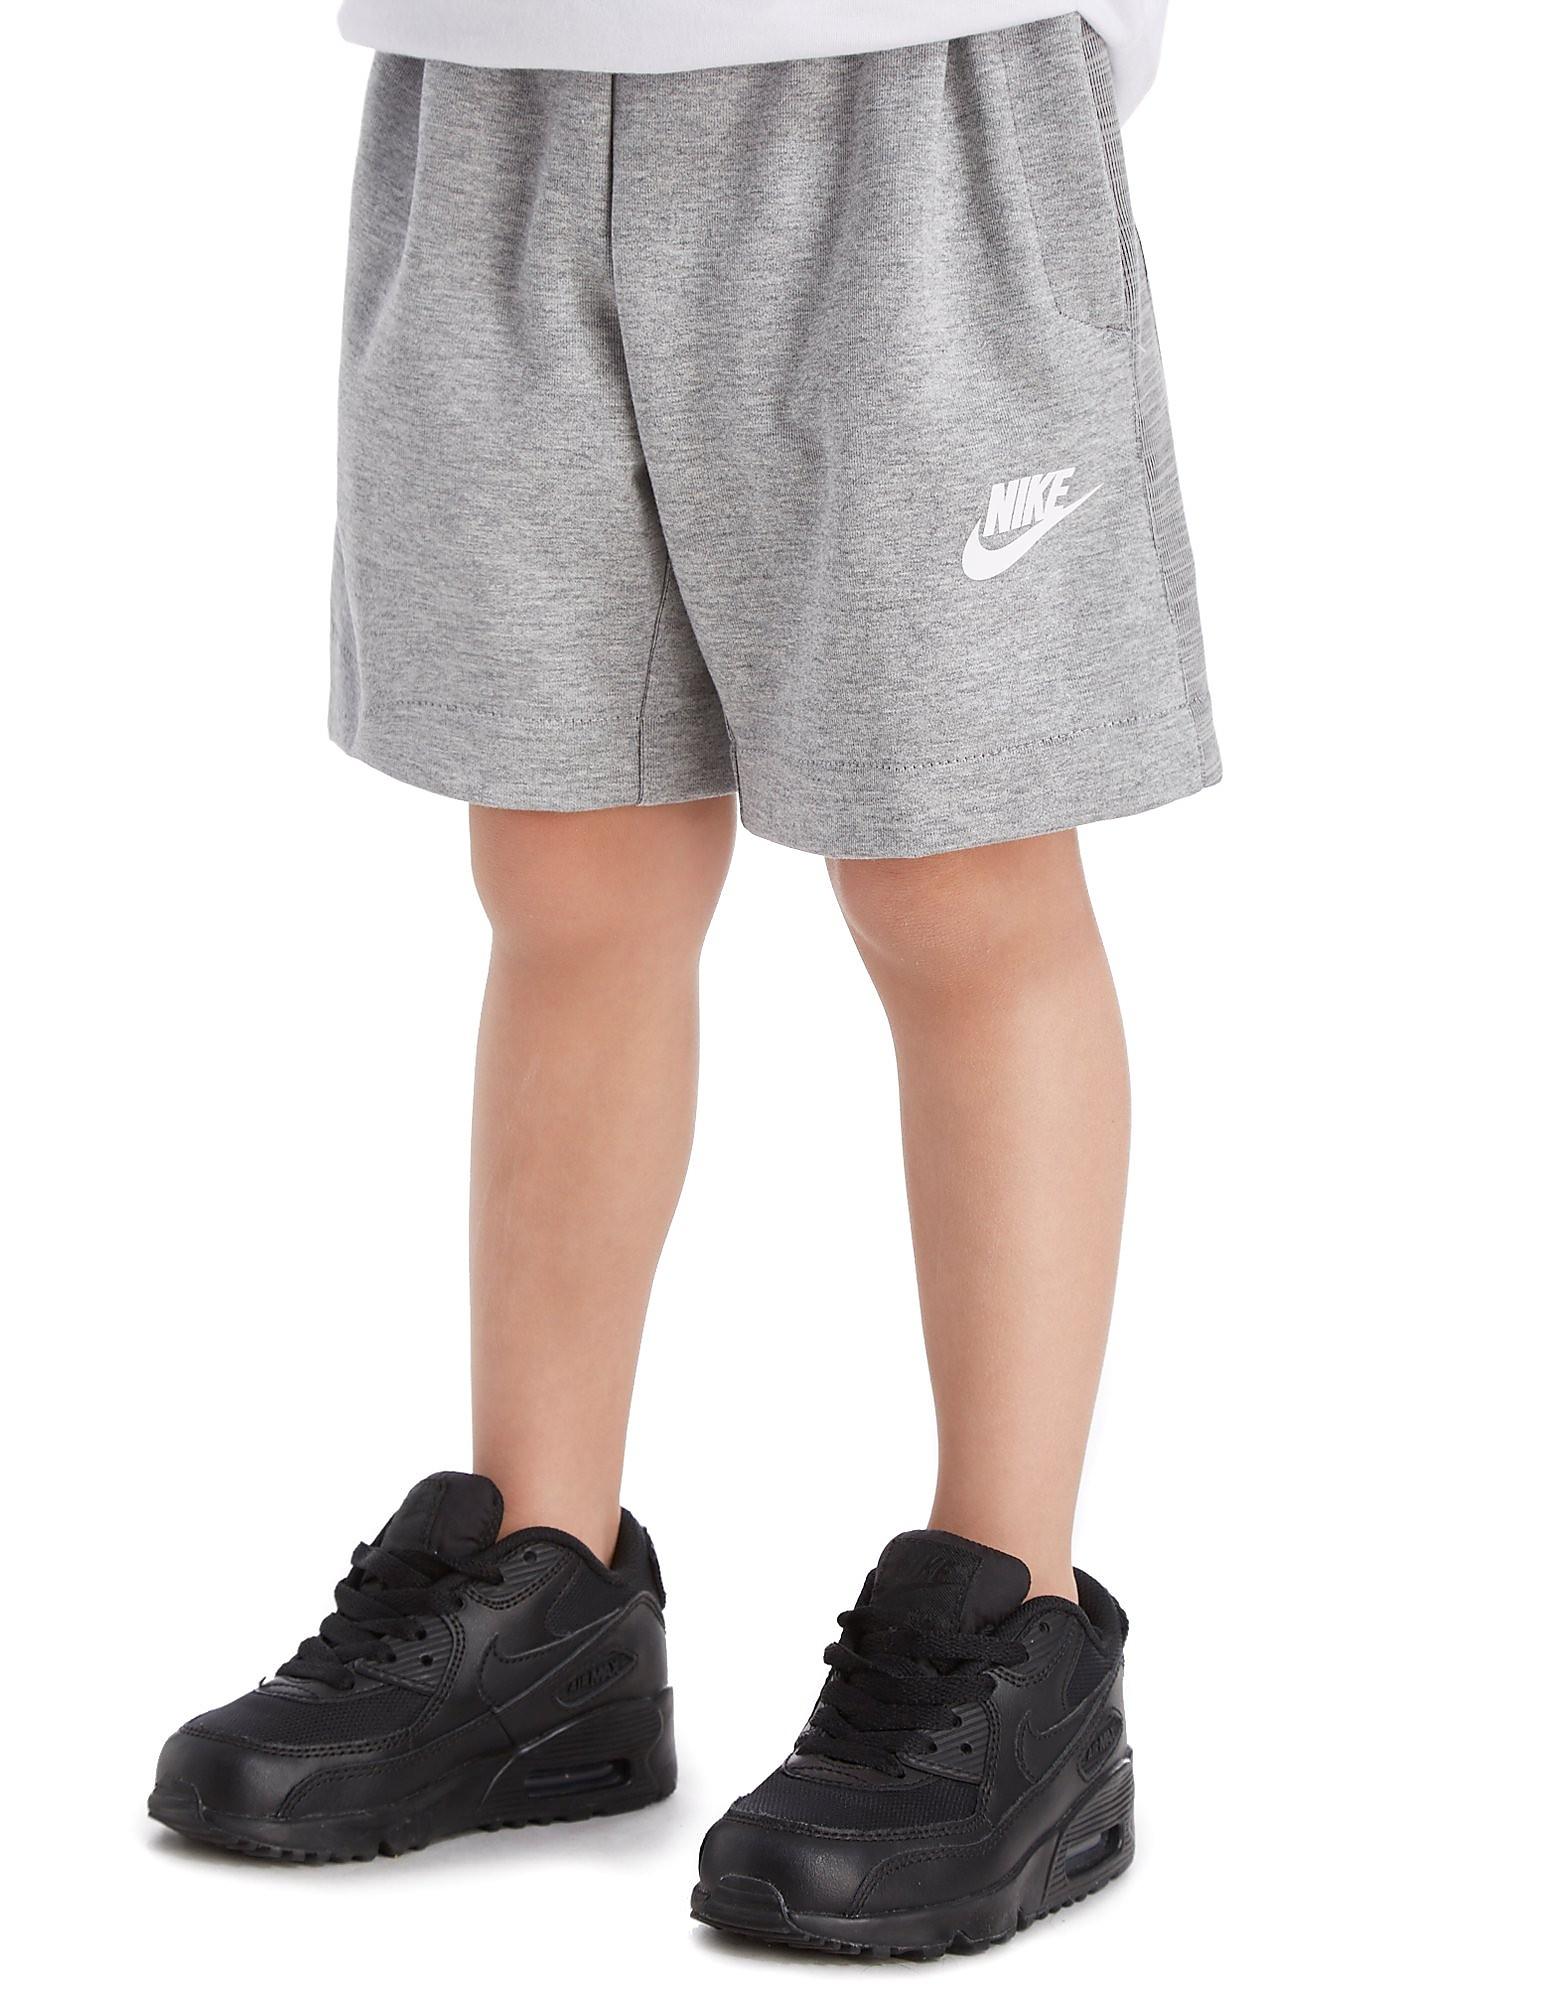 Nike Advance Shorts Bambino